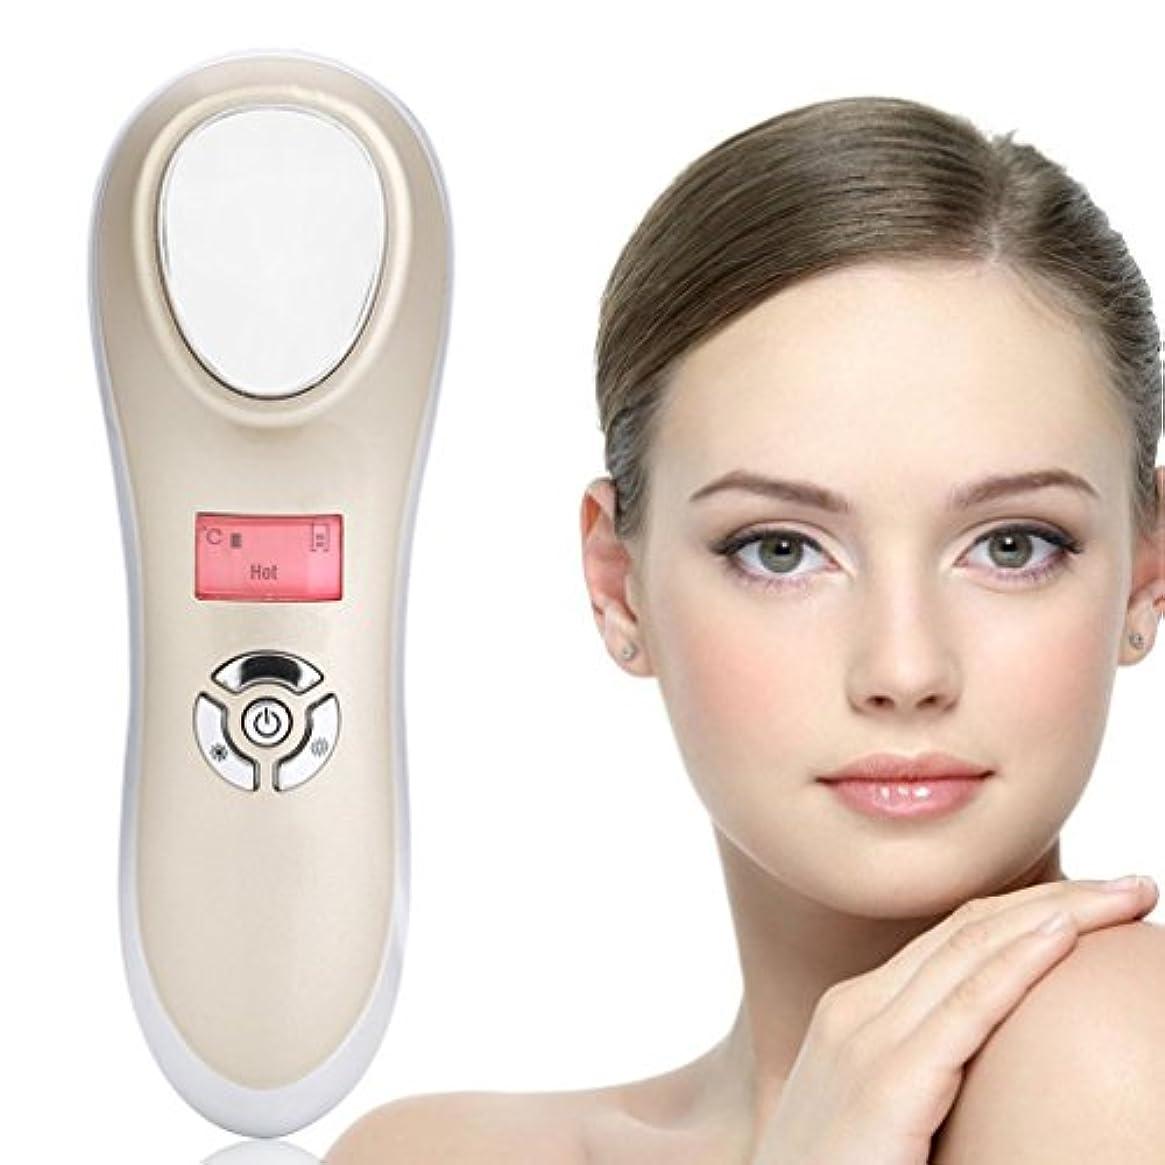 意識ファンブル逃げる美の器械、携帯用手持ち型の音波再充電可能なイオン顔のマッサージャーの熱くそして冷たい機械スキンケア装置